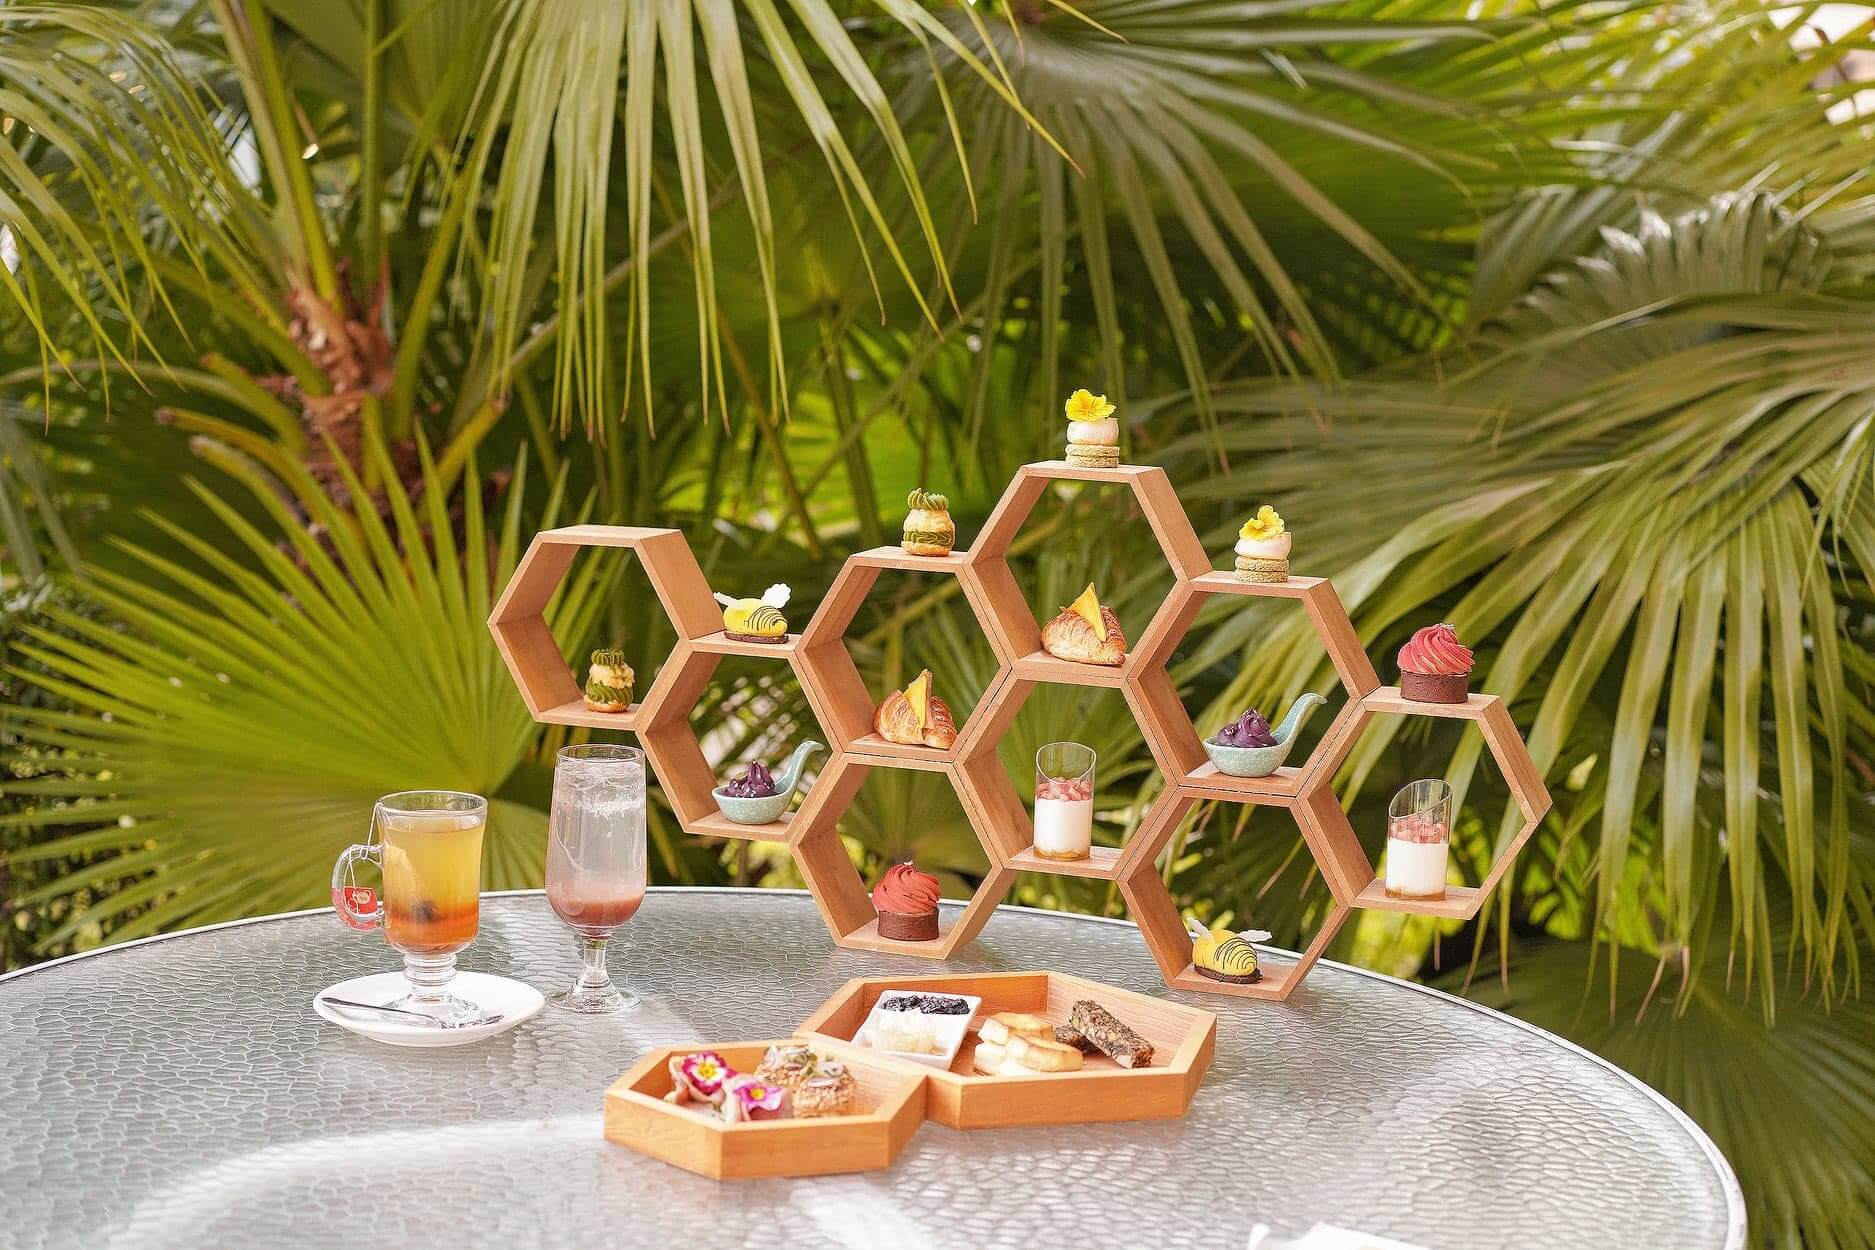 造型精致嘅甜蜜「蜂」味下午茶。